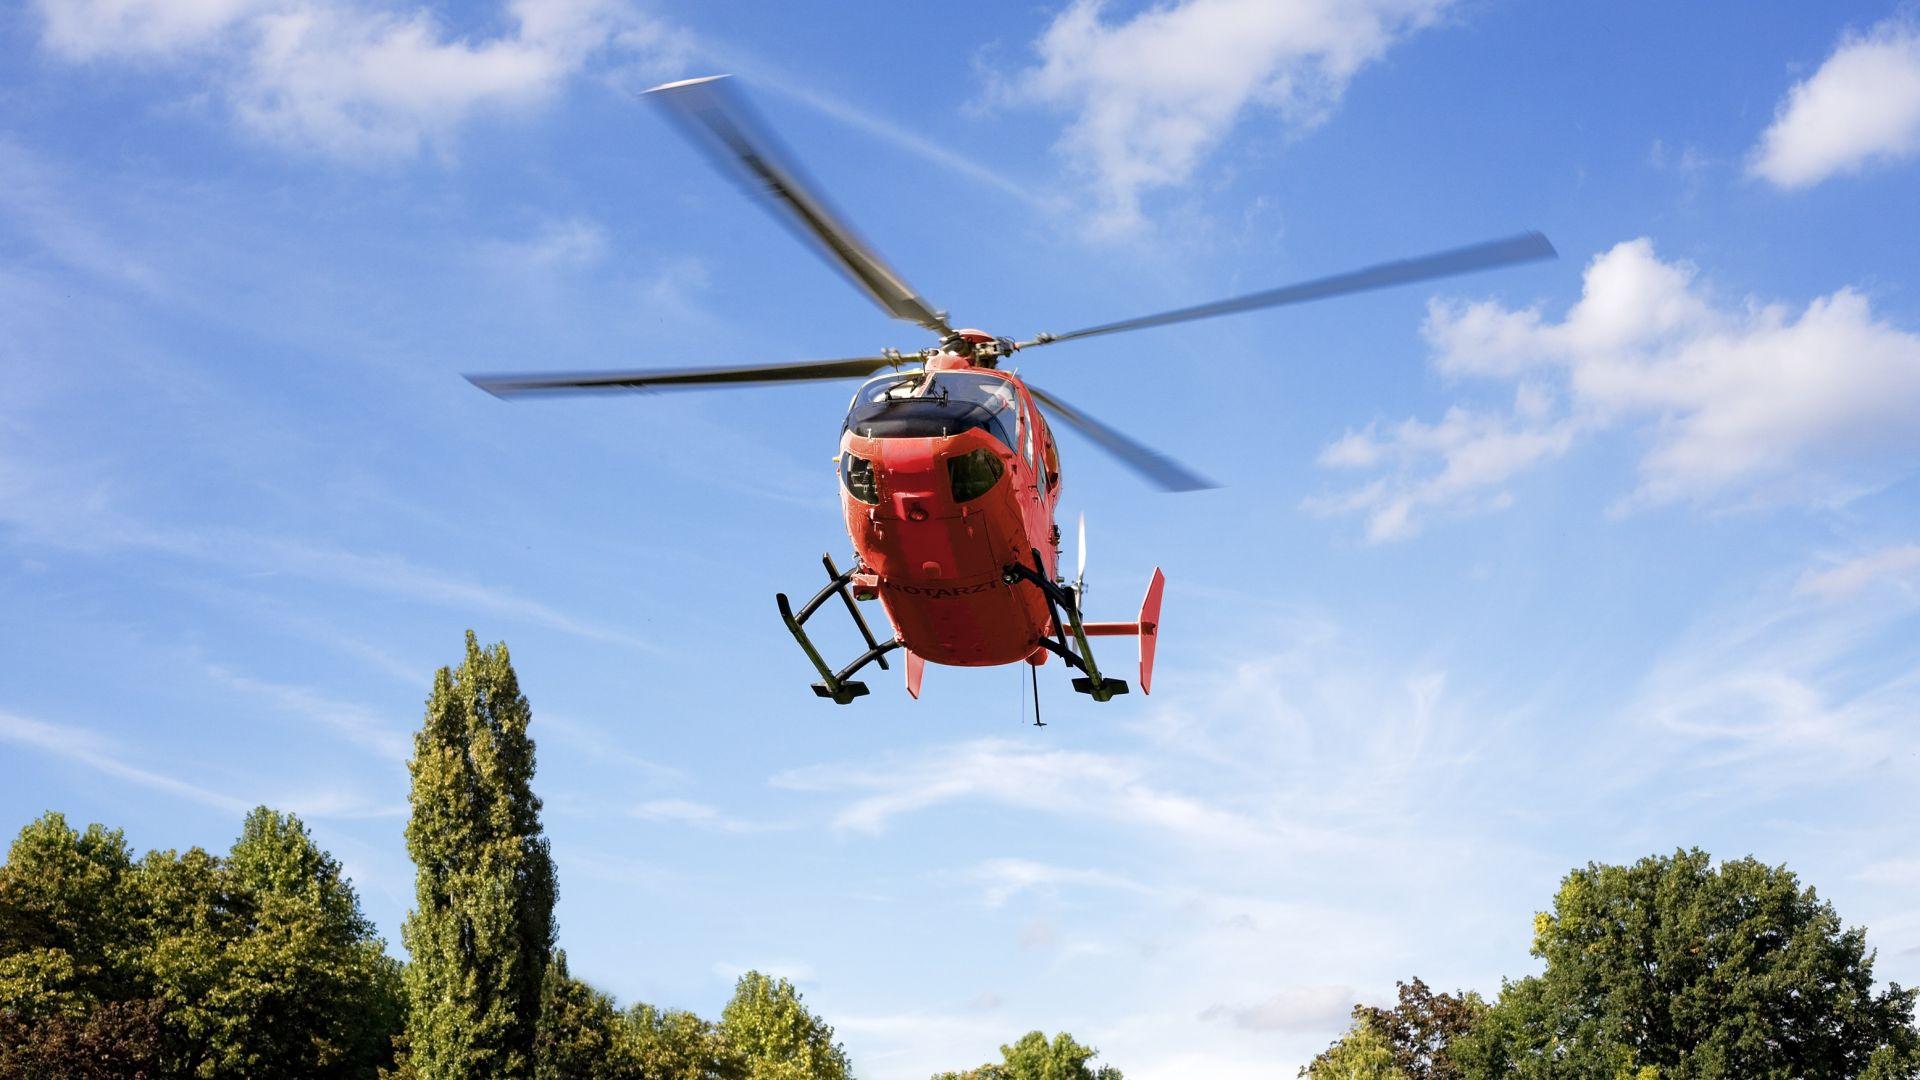 Спасителен хеликоптер се блъсна в електропровод в Германия